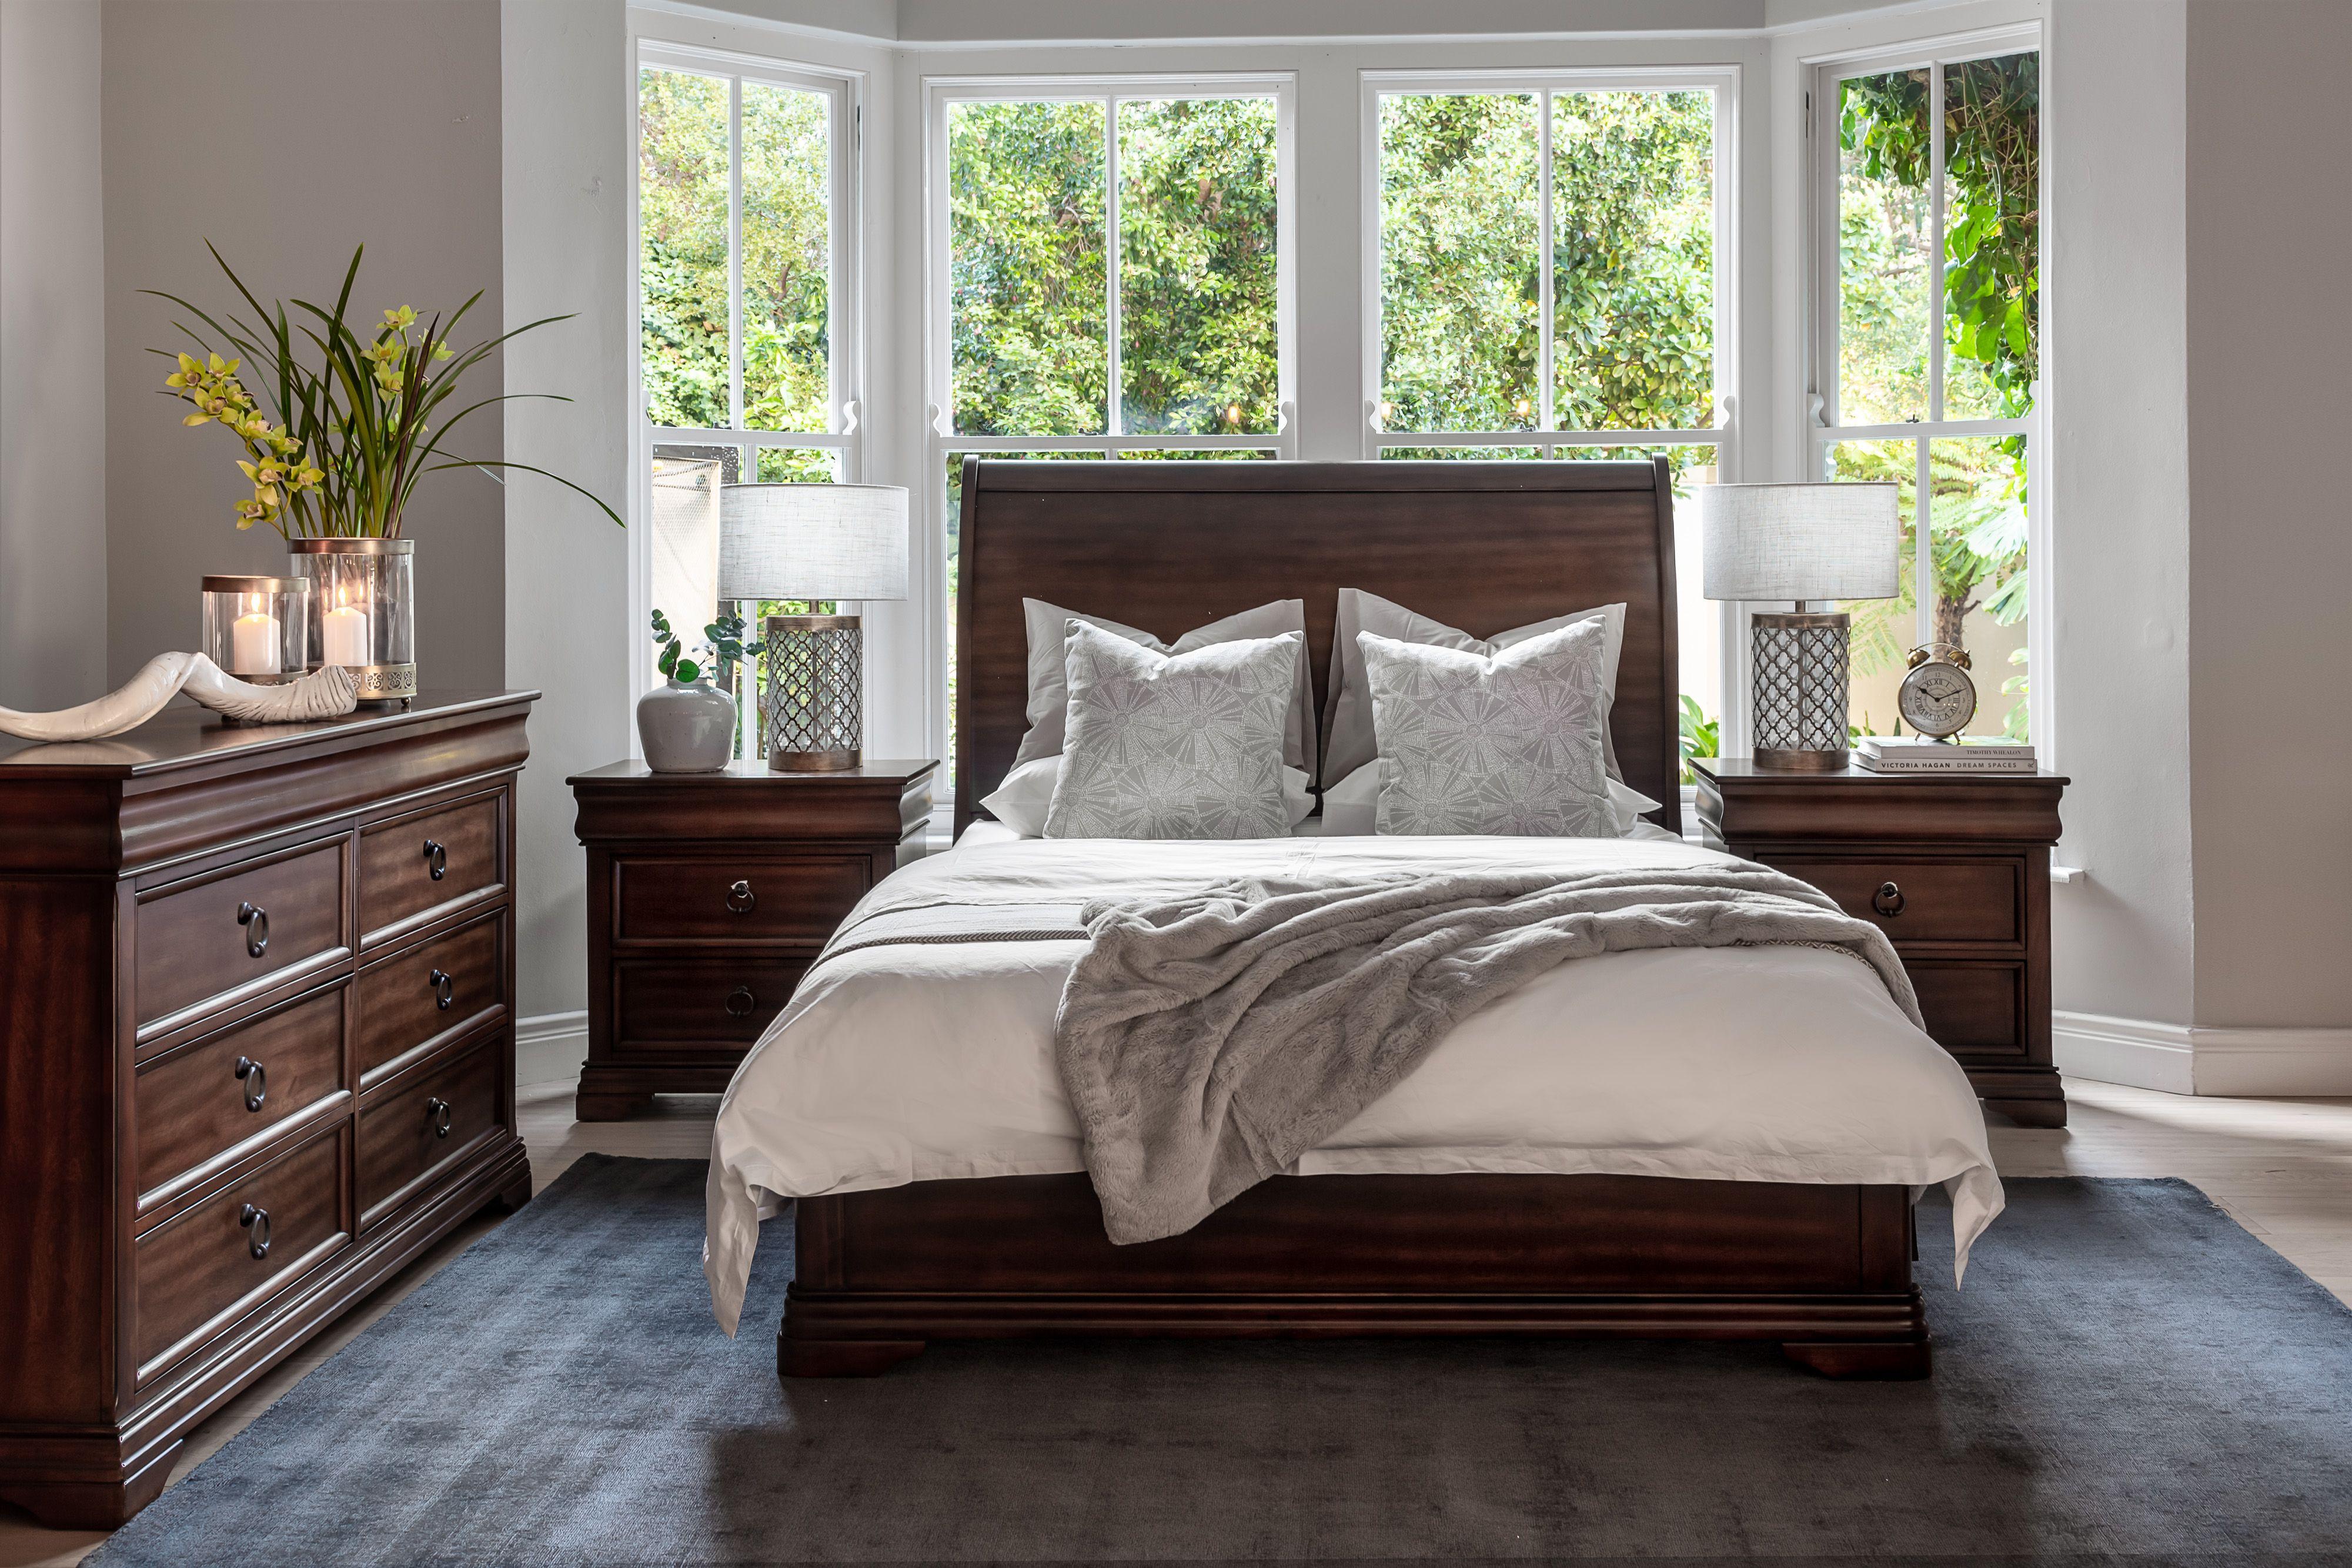 Hepburn Queen Full Bed XL in 2020 | Classic bedroom ...